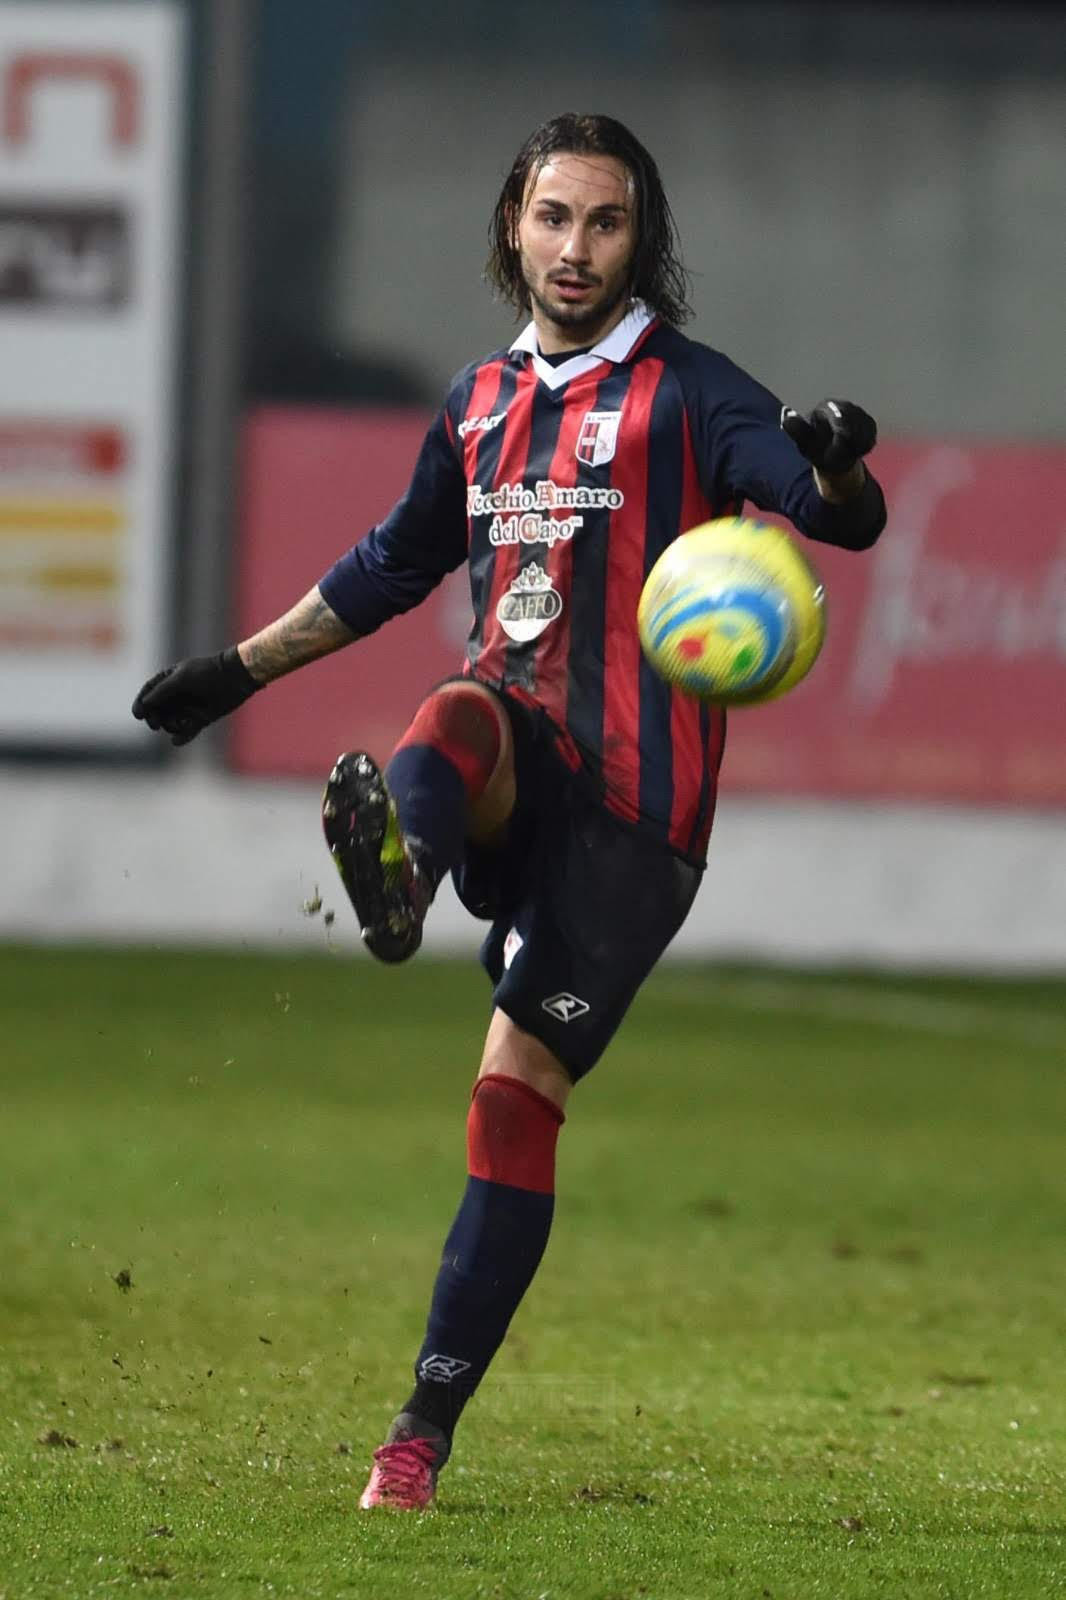 CALCIOMERCATO UFFICIALE | Luigi Silvestri ceduto al Potenza a titolo definitivo immagine 12179 US Vibonese Calcio